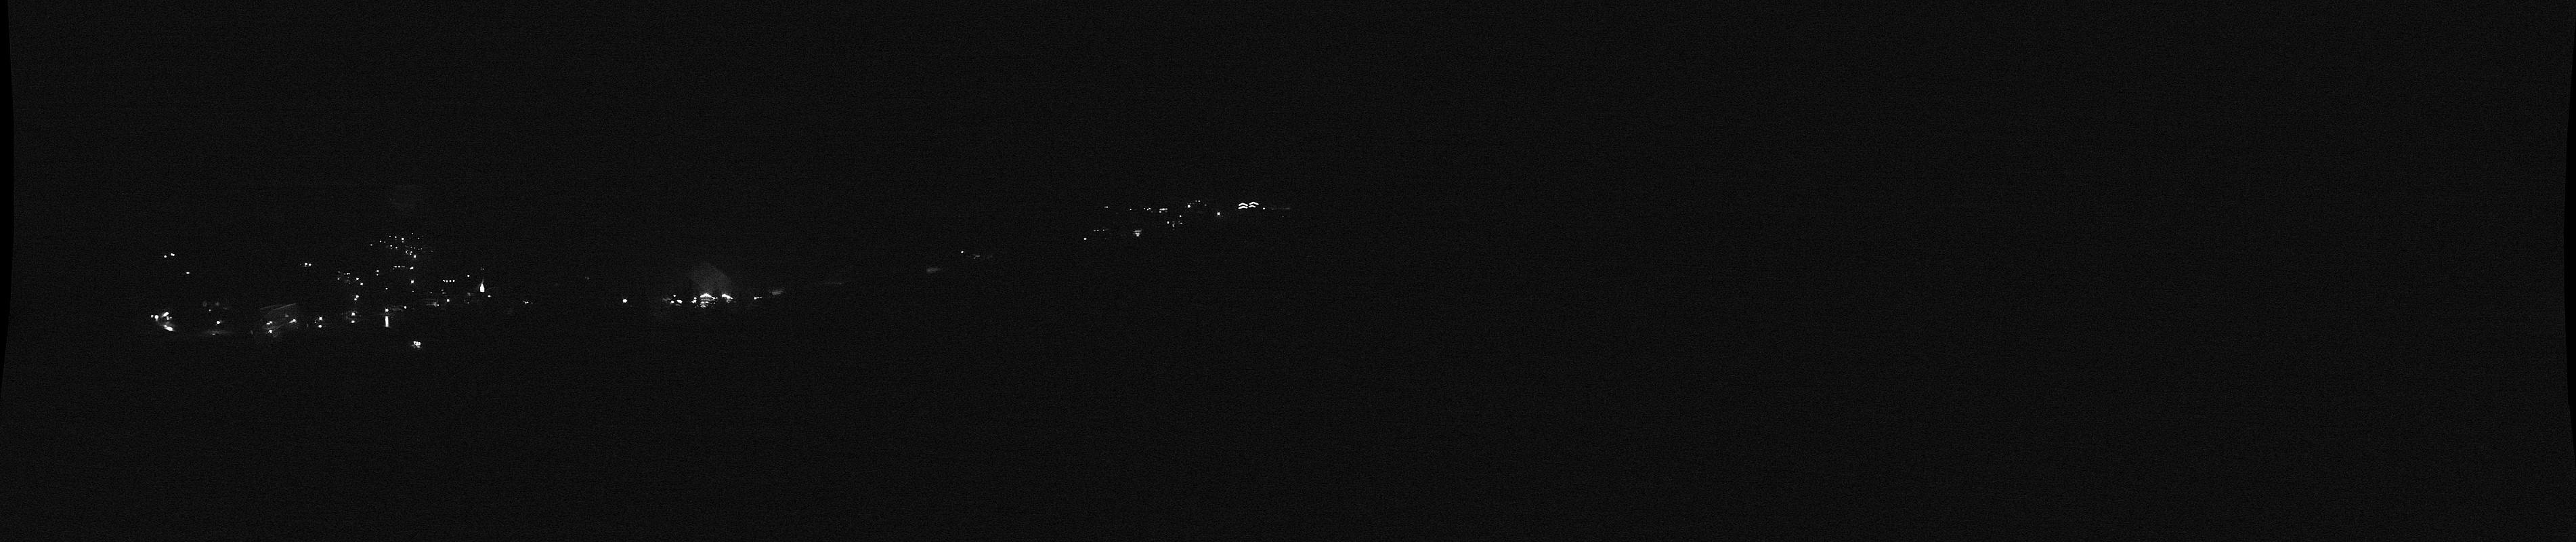 Jungholz - Skilifte Jungholz Panoramakamera